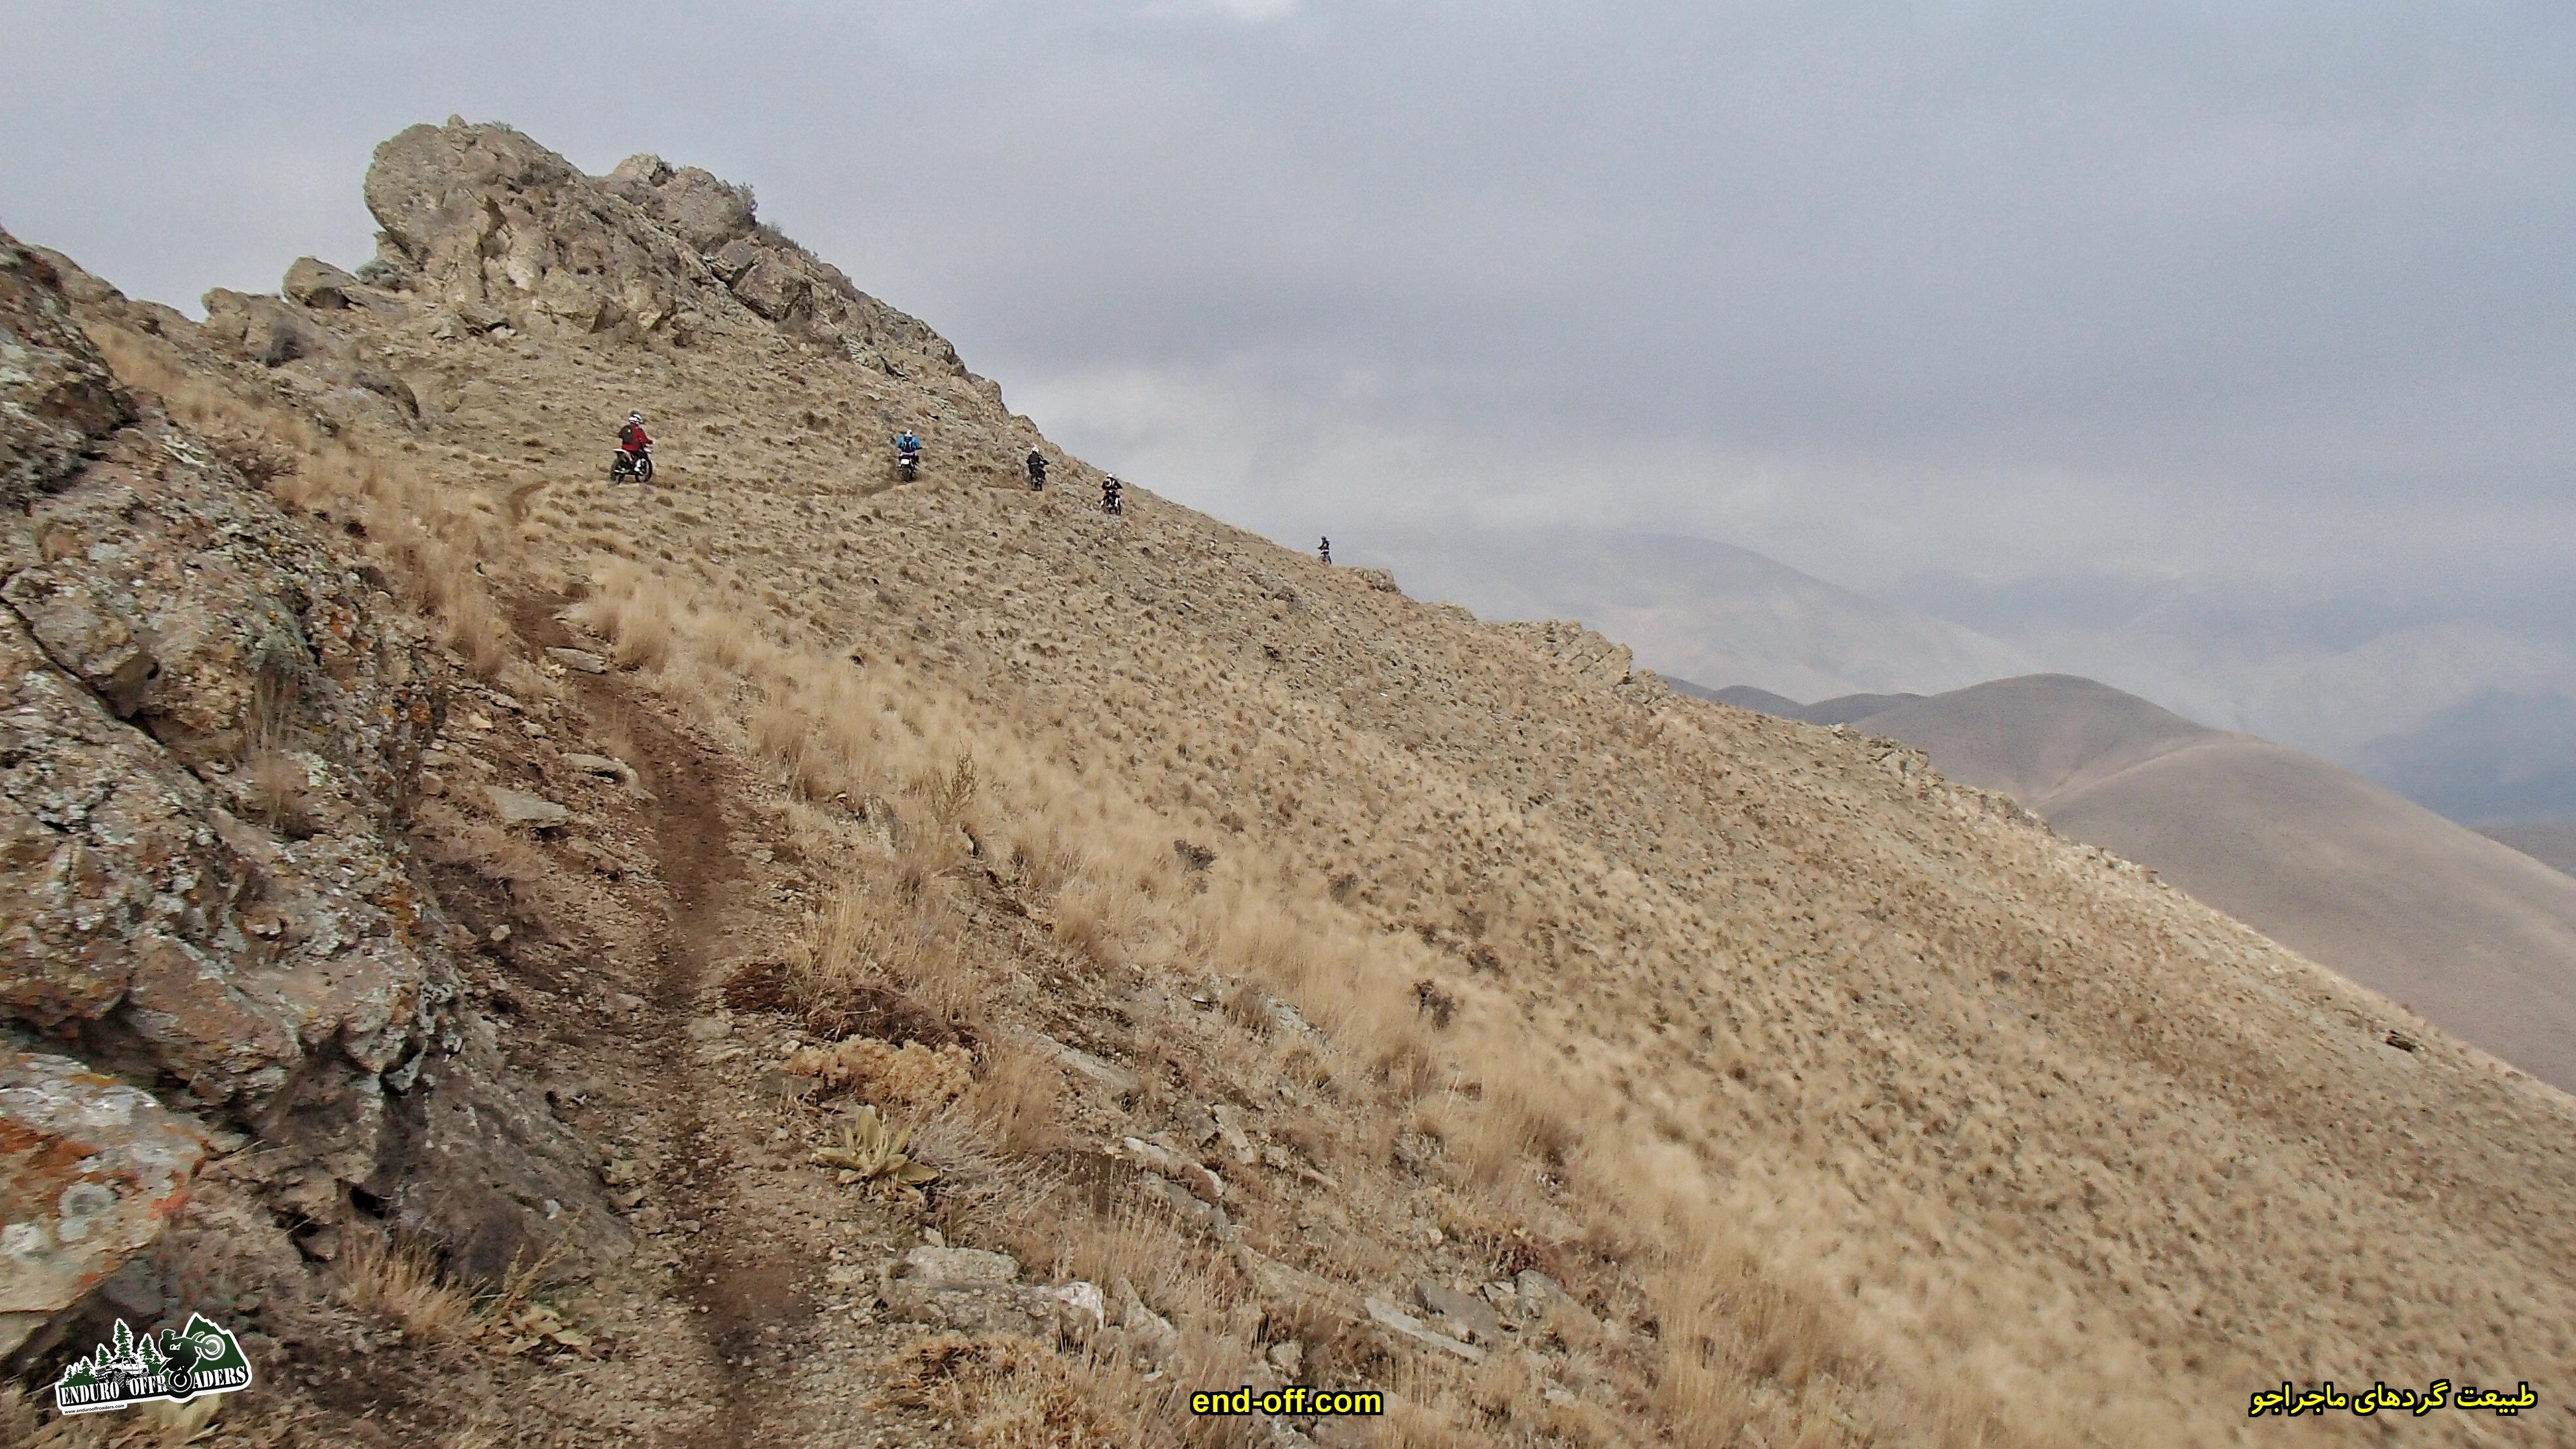 قله لتمال کن - زمستان 1399 2020